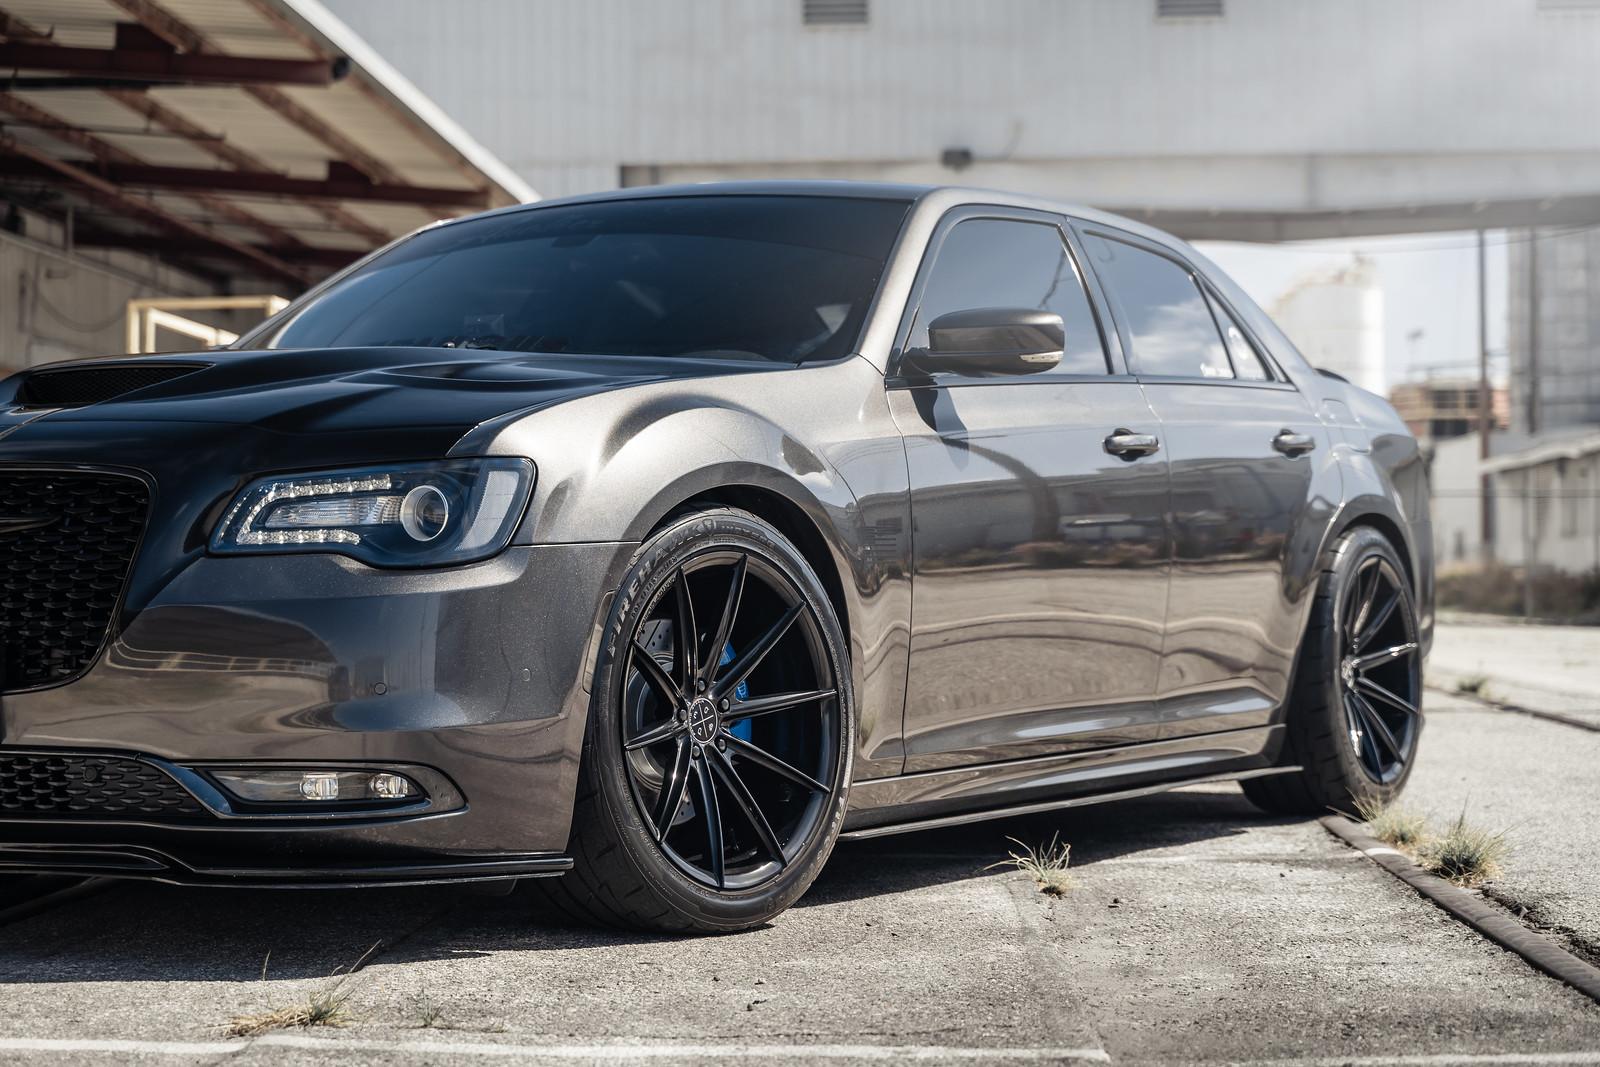 2016_Chrysler_300_S_BD11_Gloss_Black_10